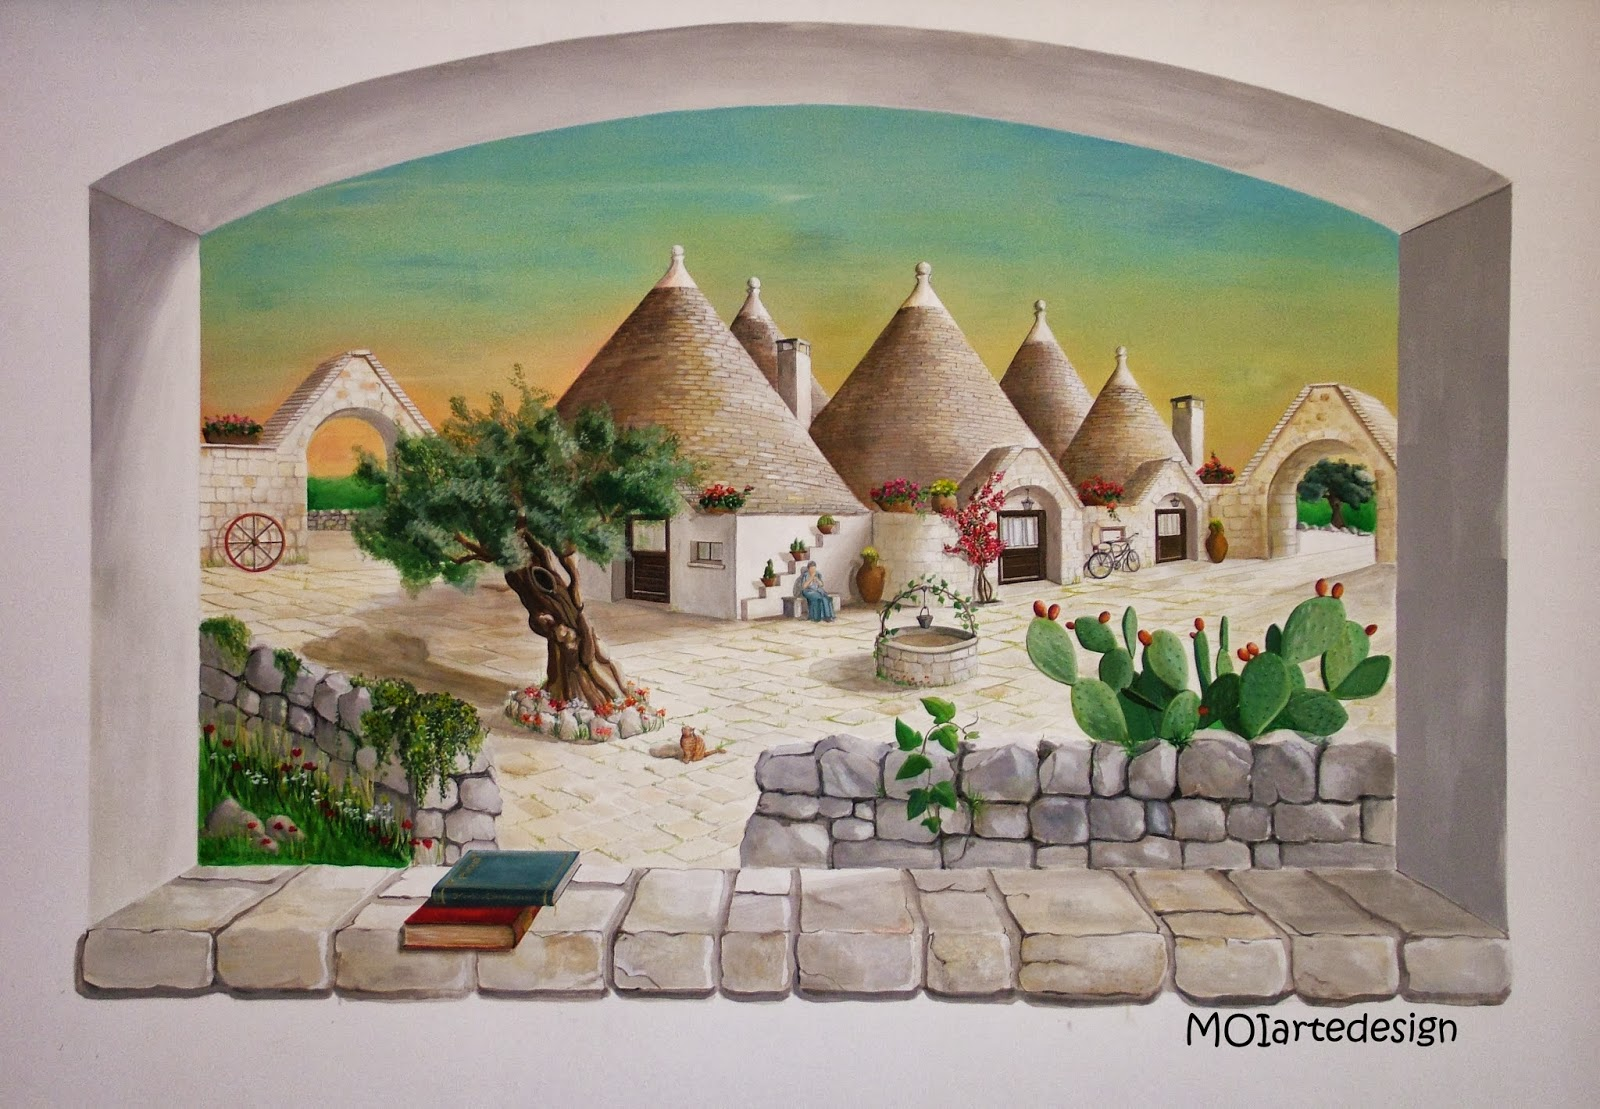 Moi corso di pittura impara l 39 arte e fanne buon uso - Pittura su muro interno ...